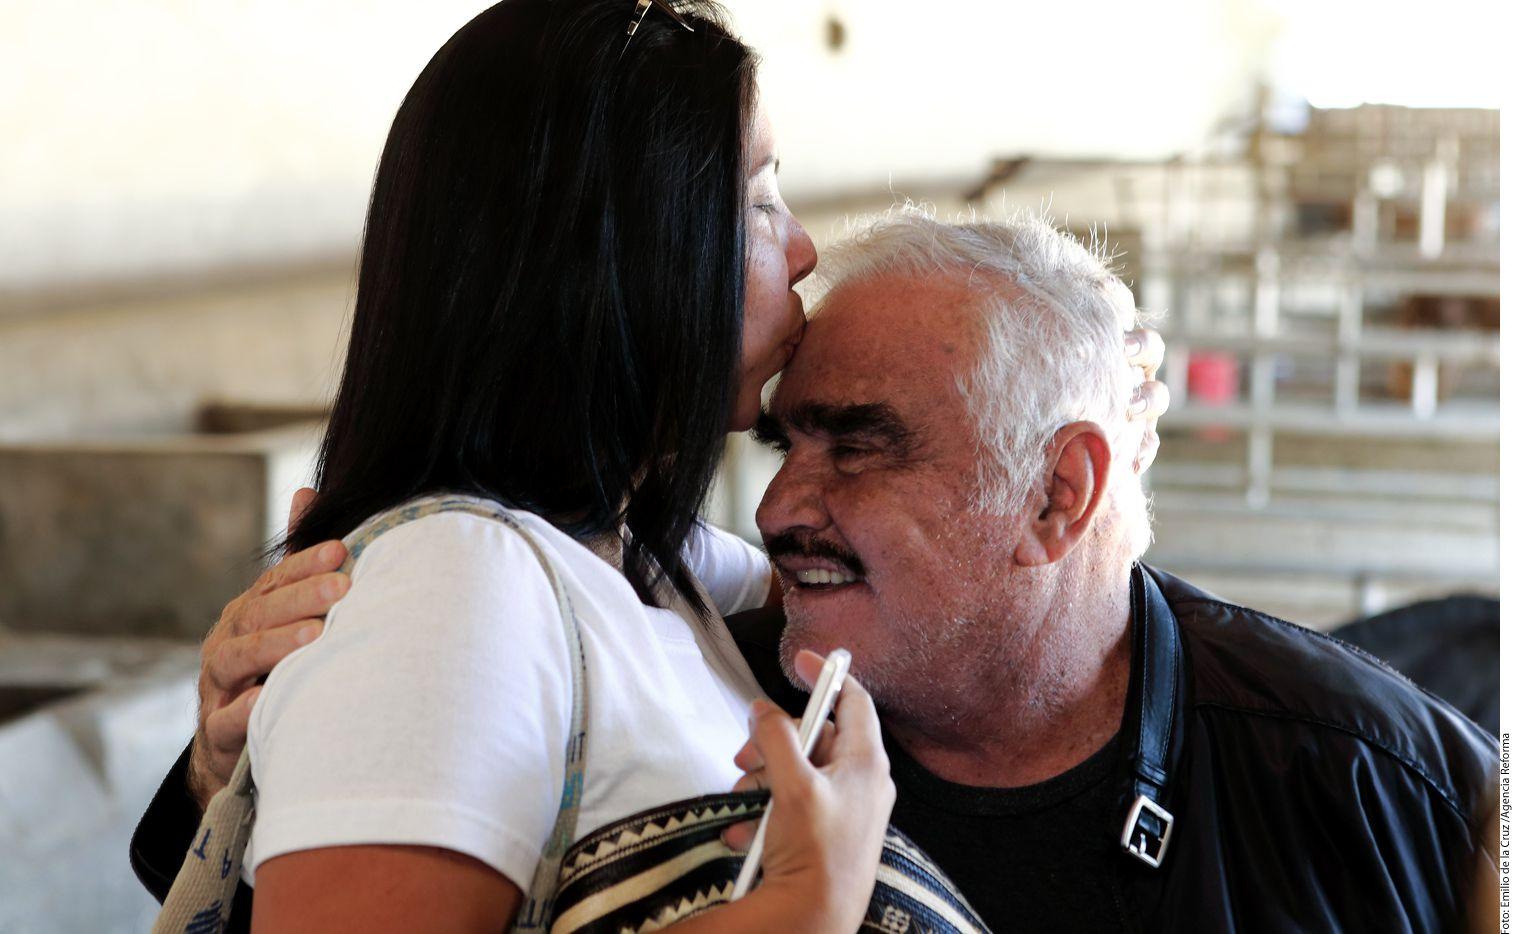 Con su característico humor pícaro, Vicente Fernández besuqueó y se dejó besar en la boca por sus admiradoras./AGENCIA REFORMA